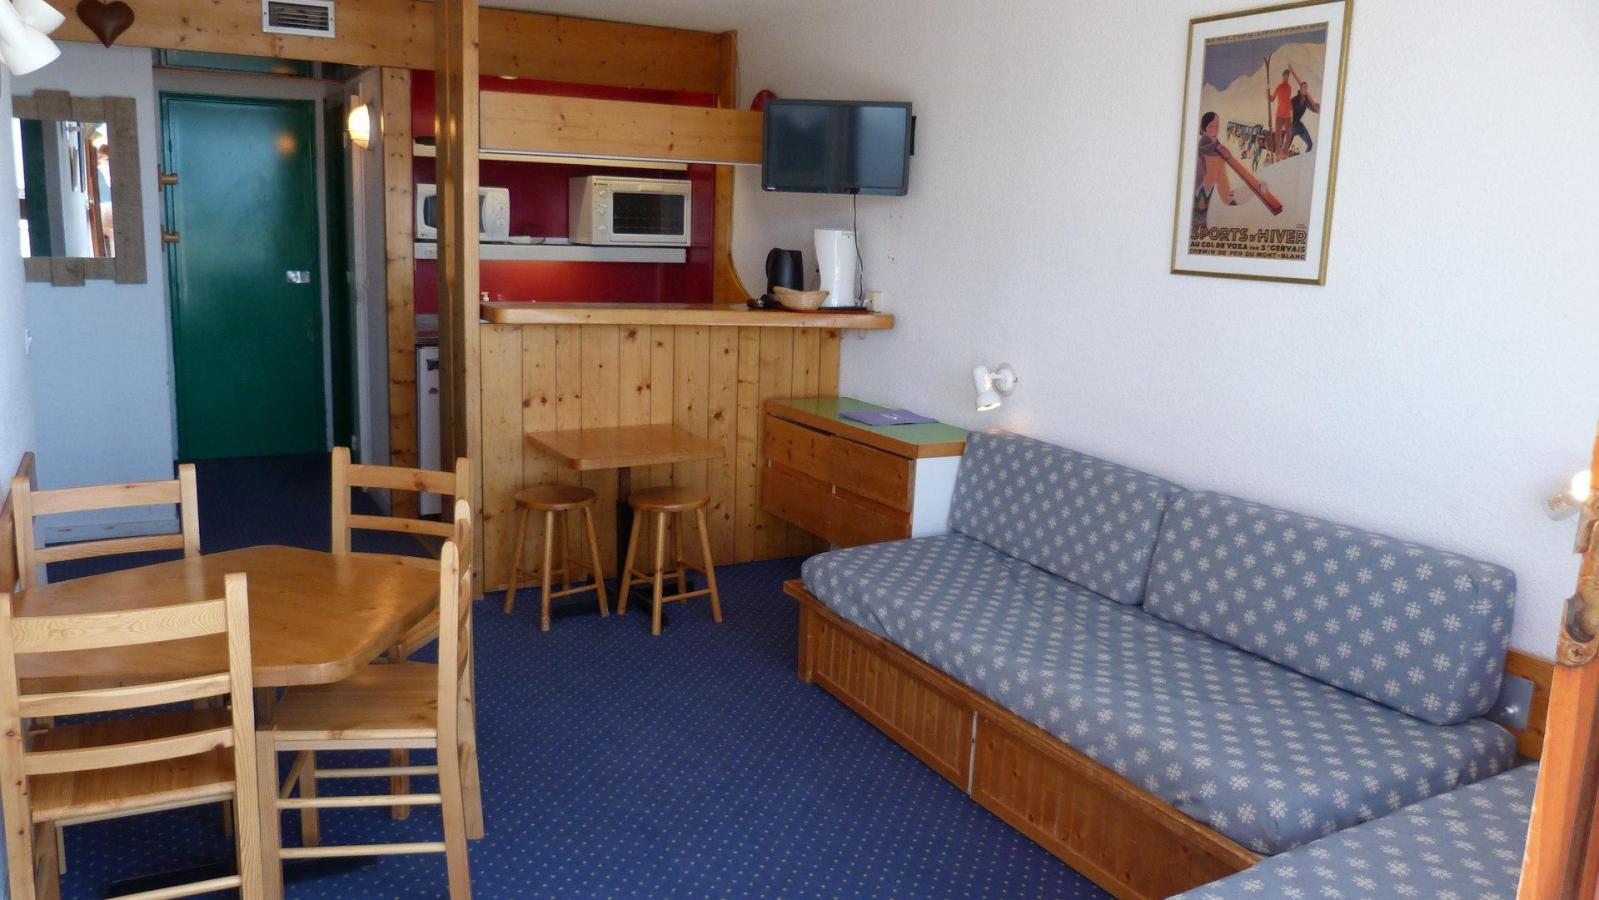 Location au ski Appartement 2 pièces 5 personnes (321) - Residence Les Tournavelles - Les Arcs - Kitchenette